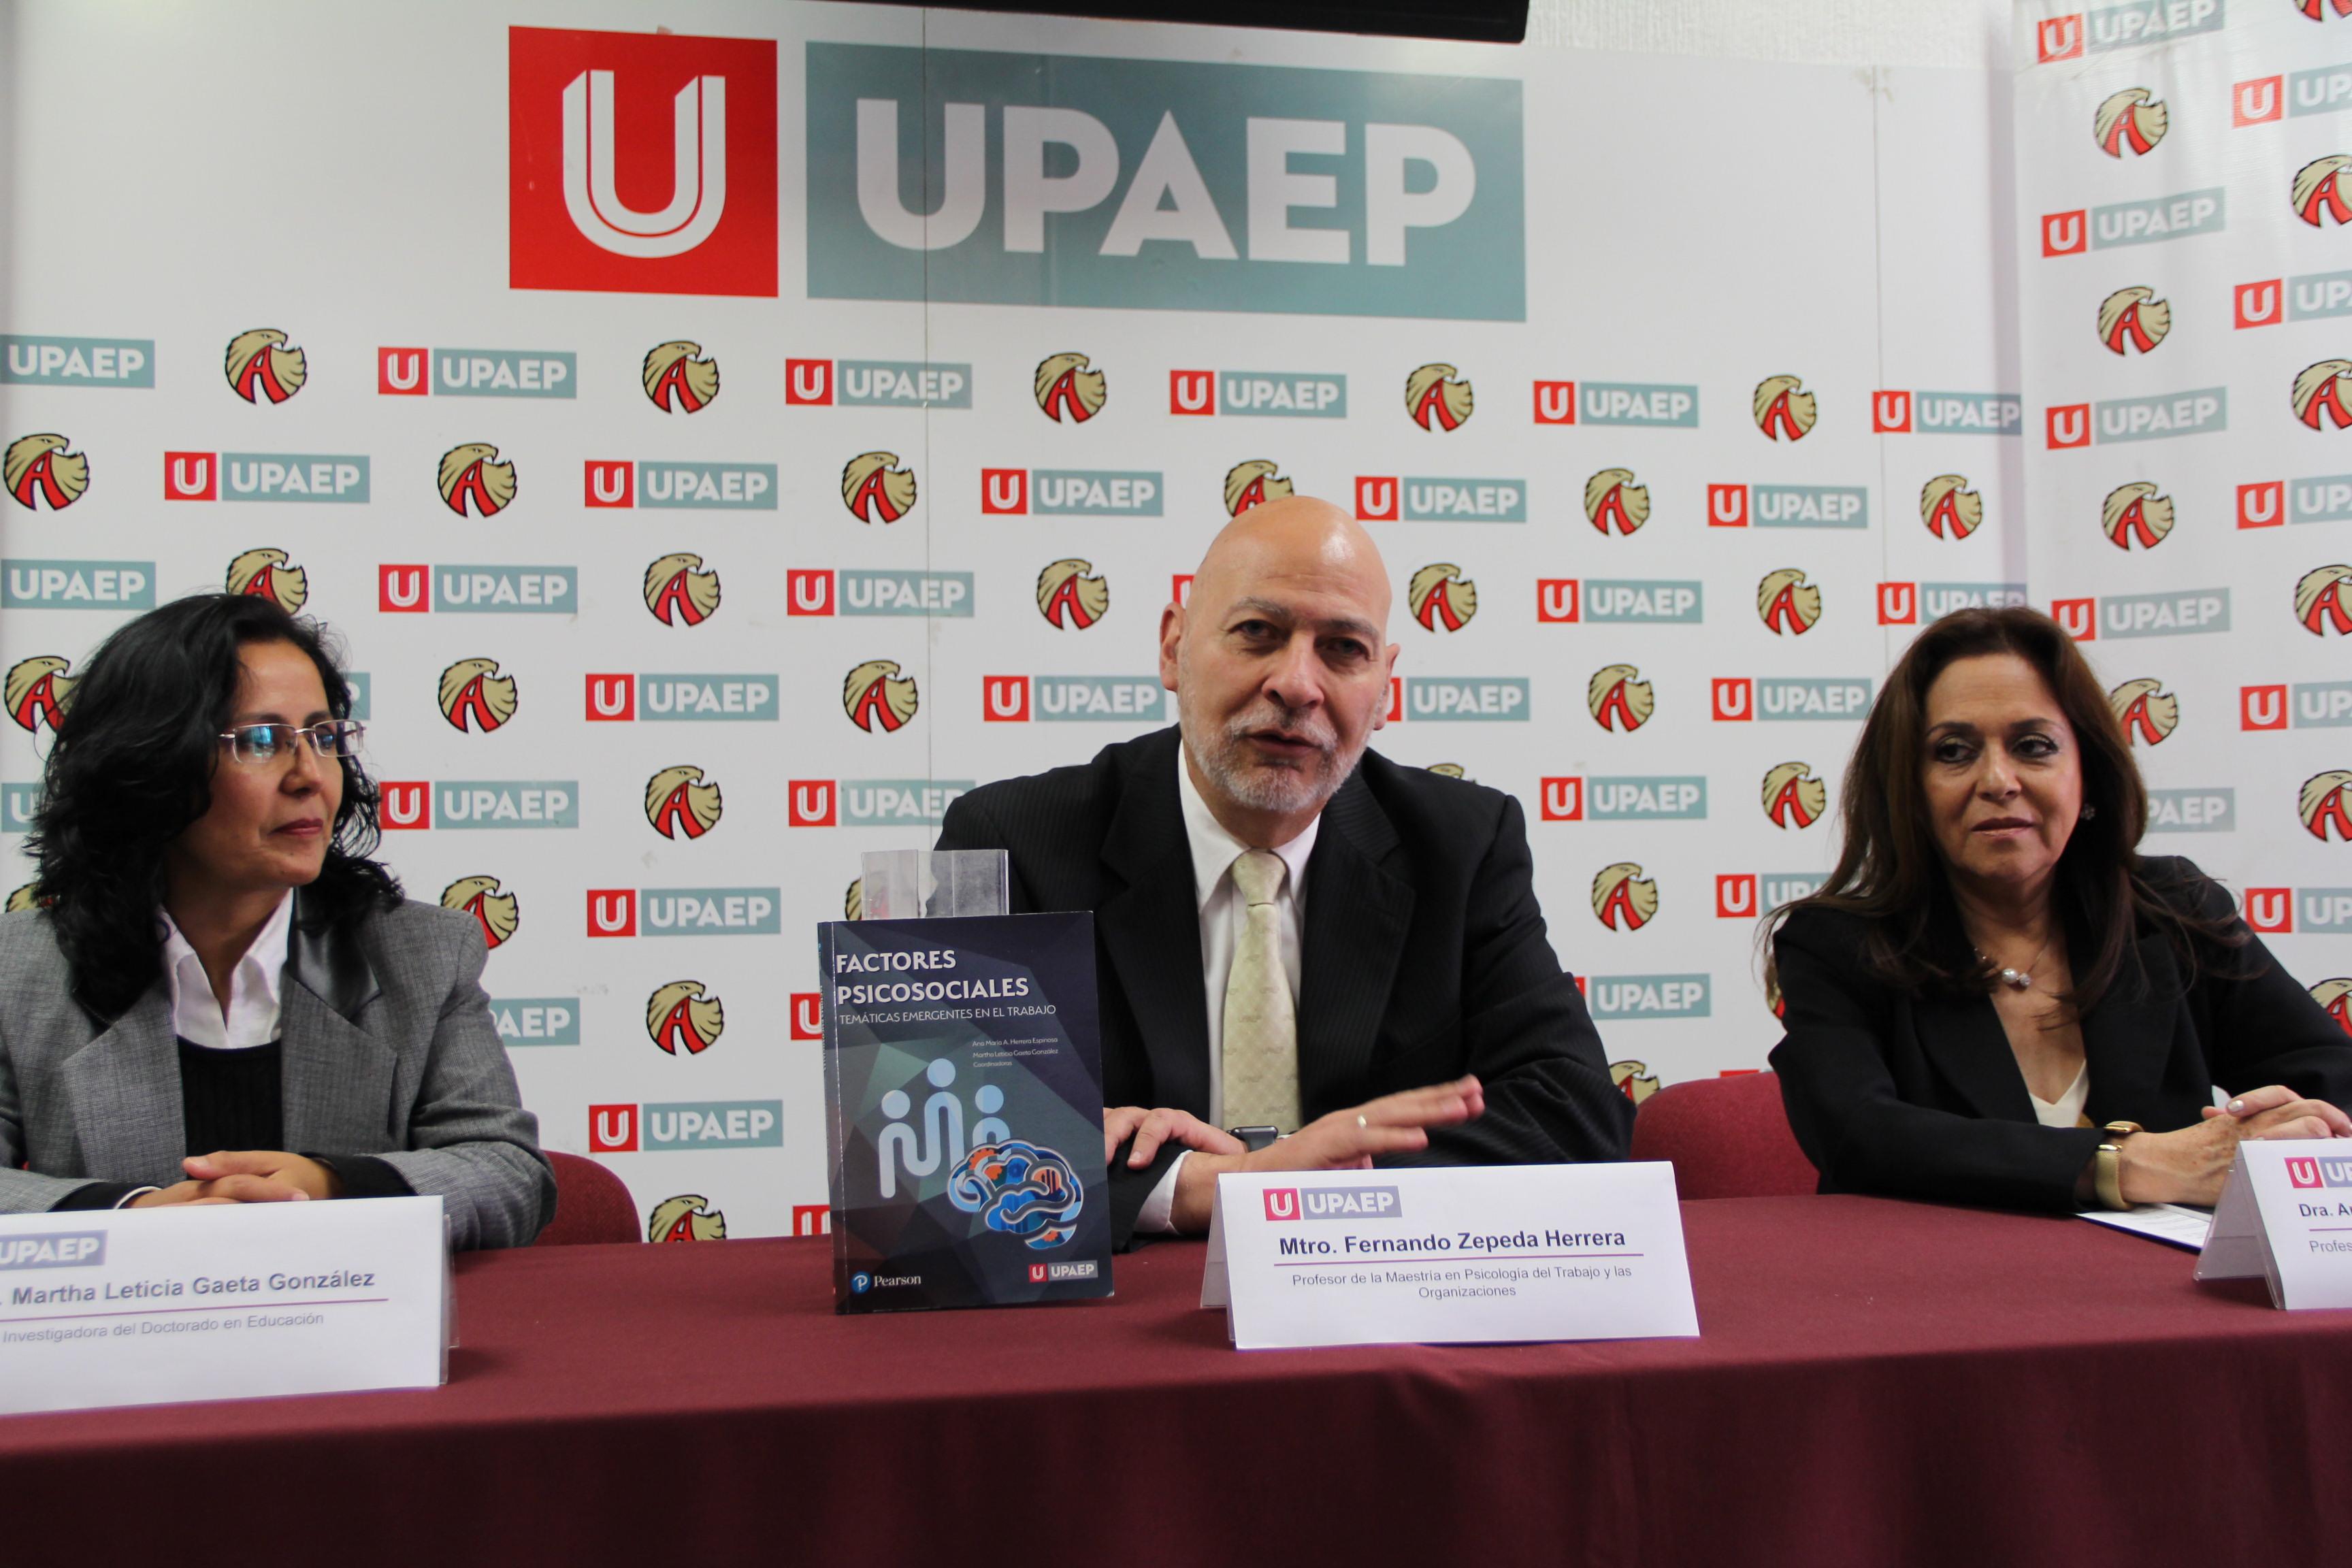 Con publicación de libro festejan 10 años de maestría en Upaep